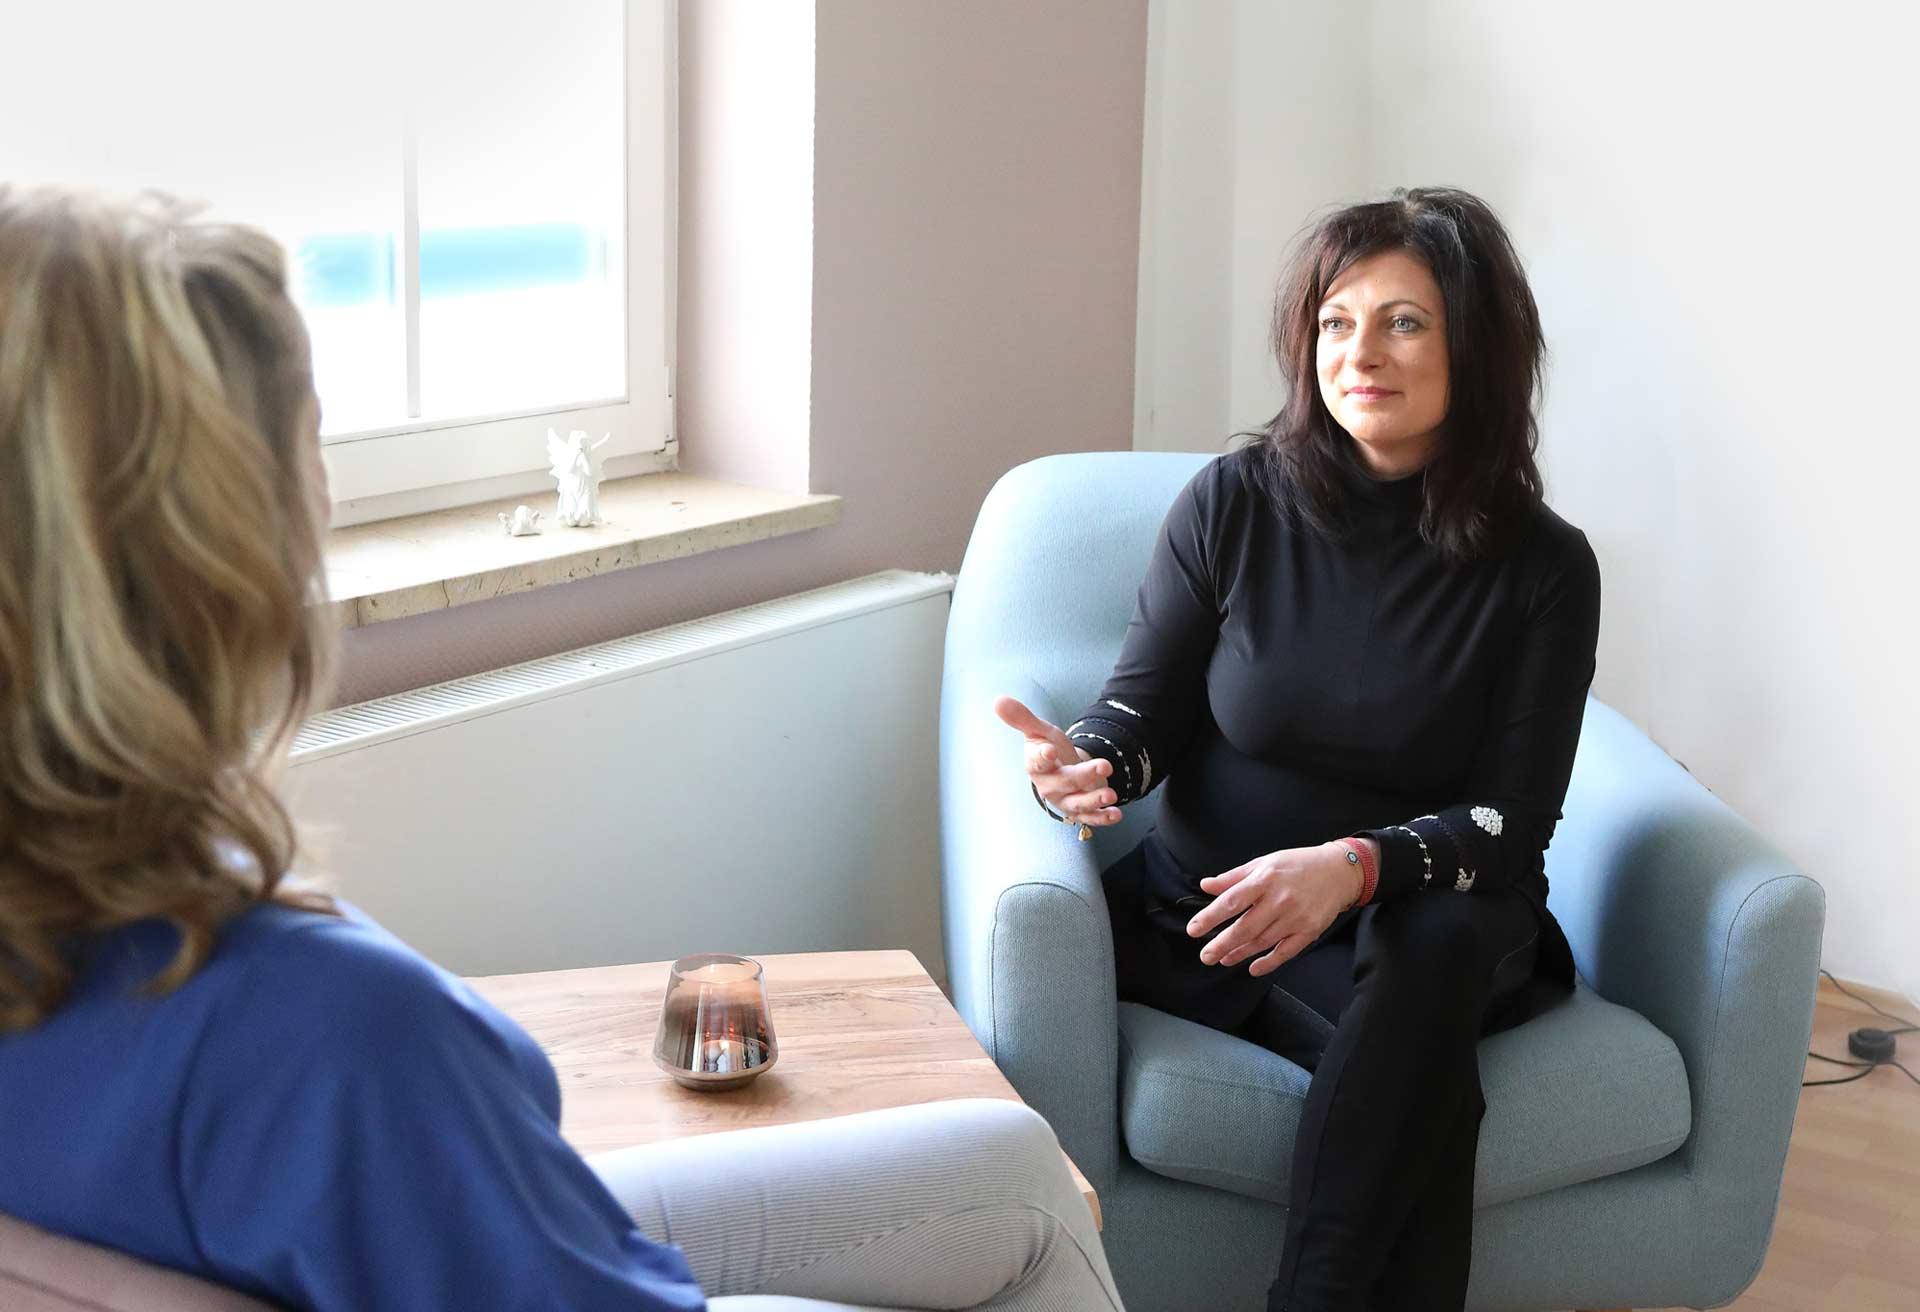 Sandy Vollmann - Familientherapie: Paar,-Einzel- und Familientherapeutische Begleitung in Magdeburg